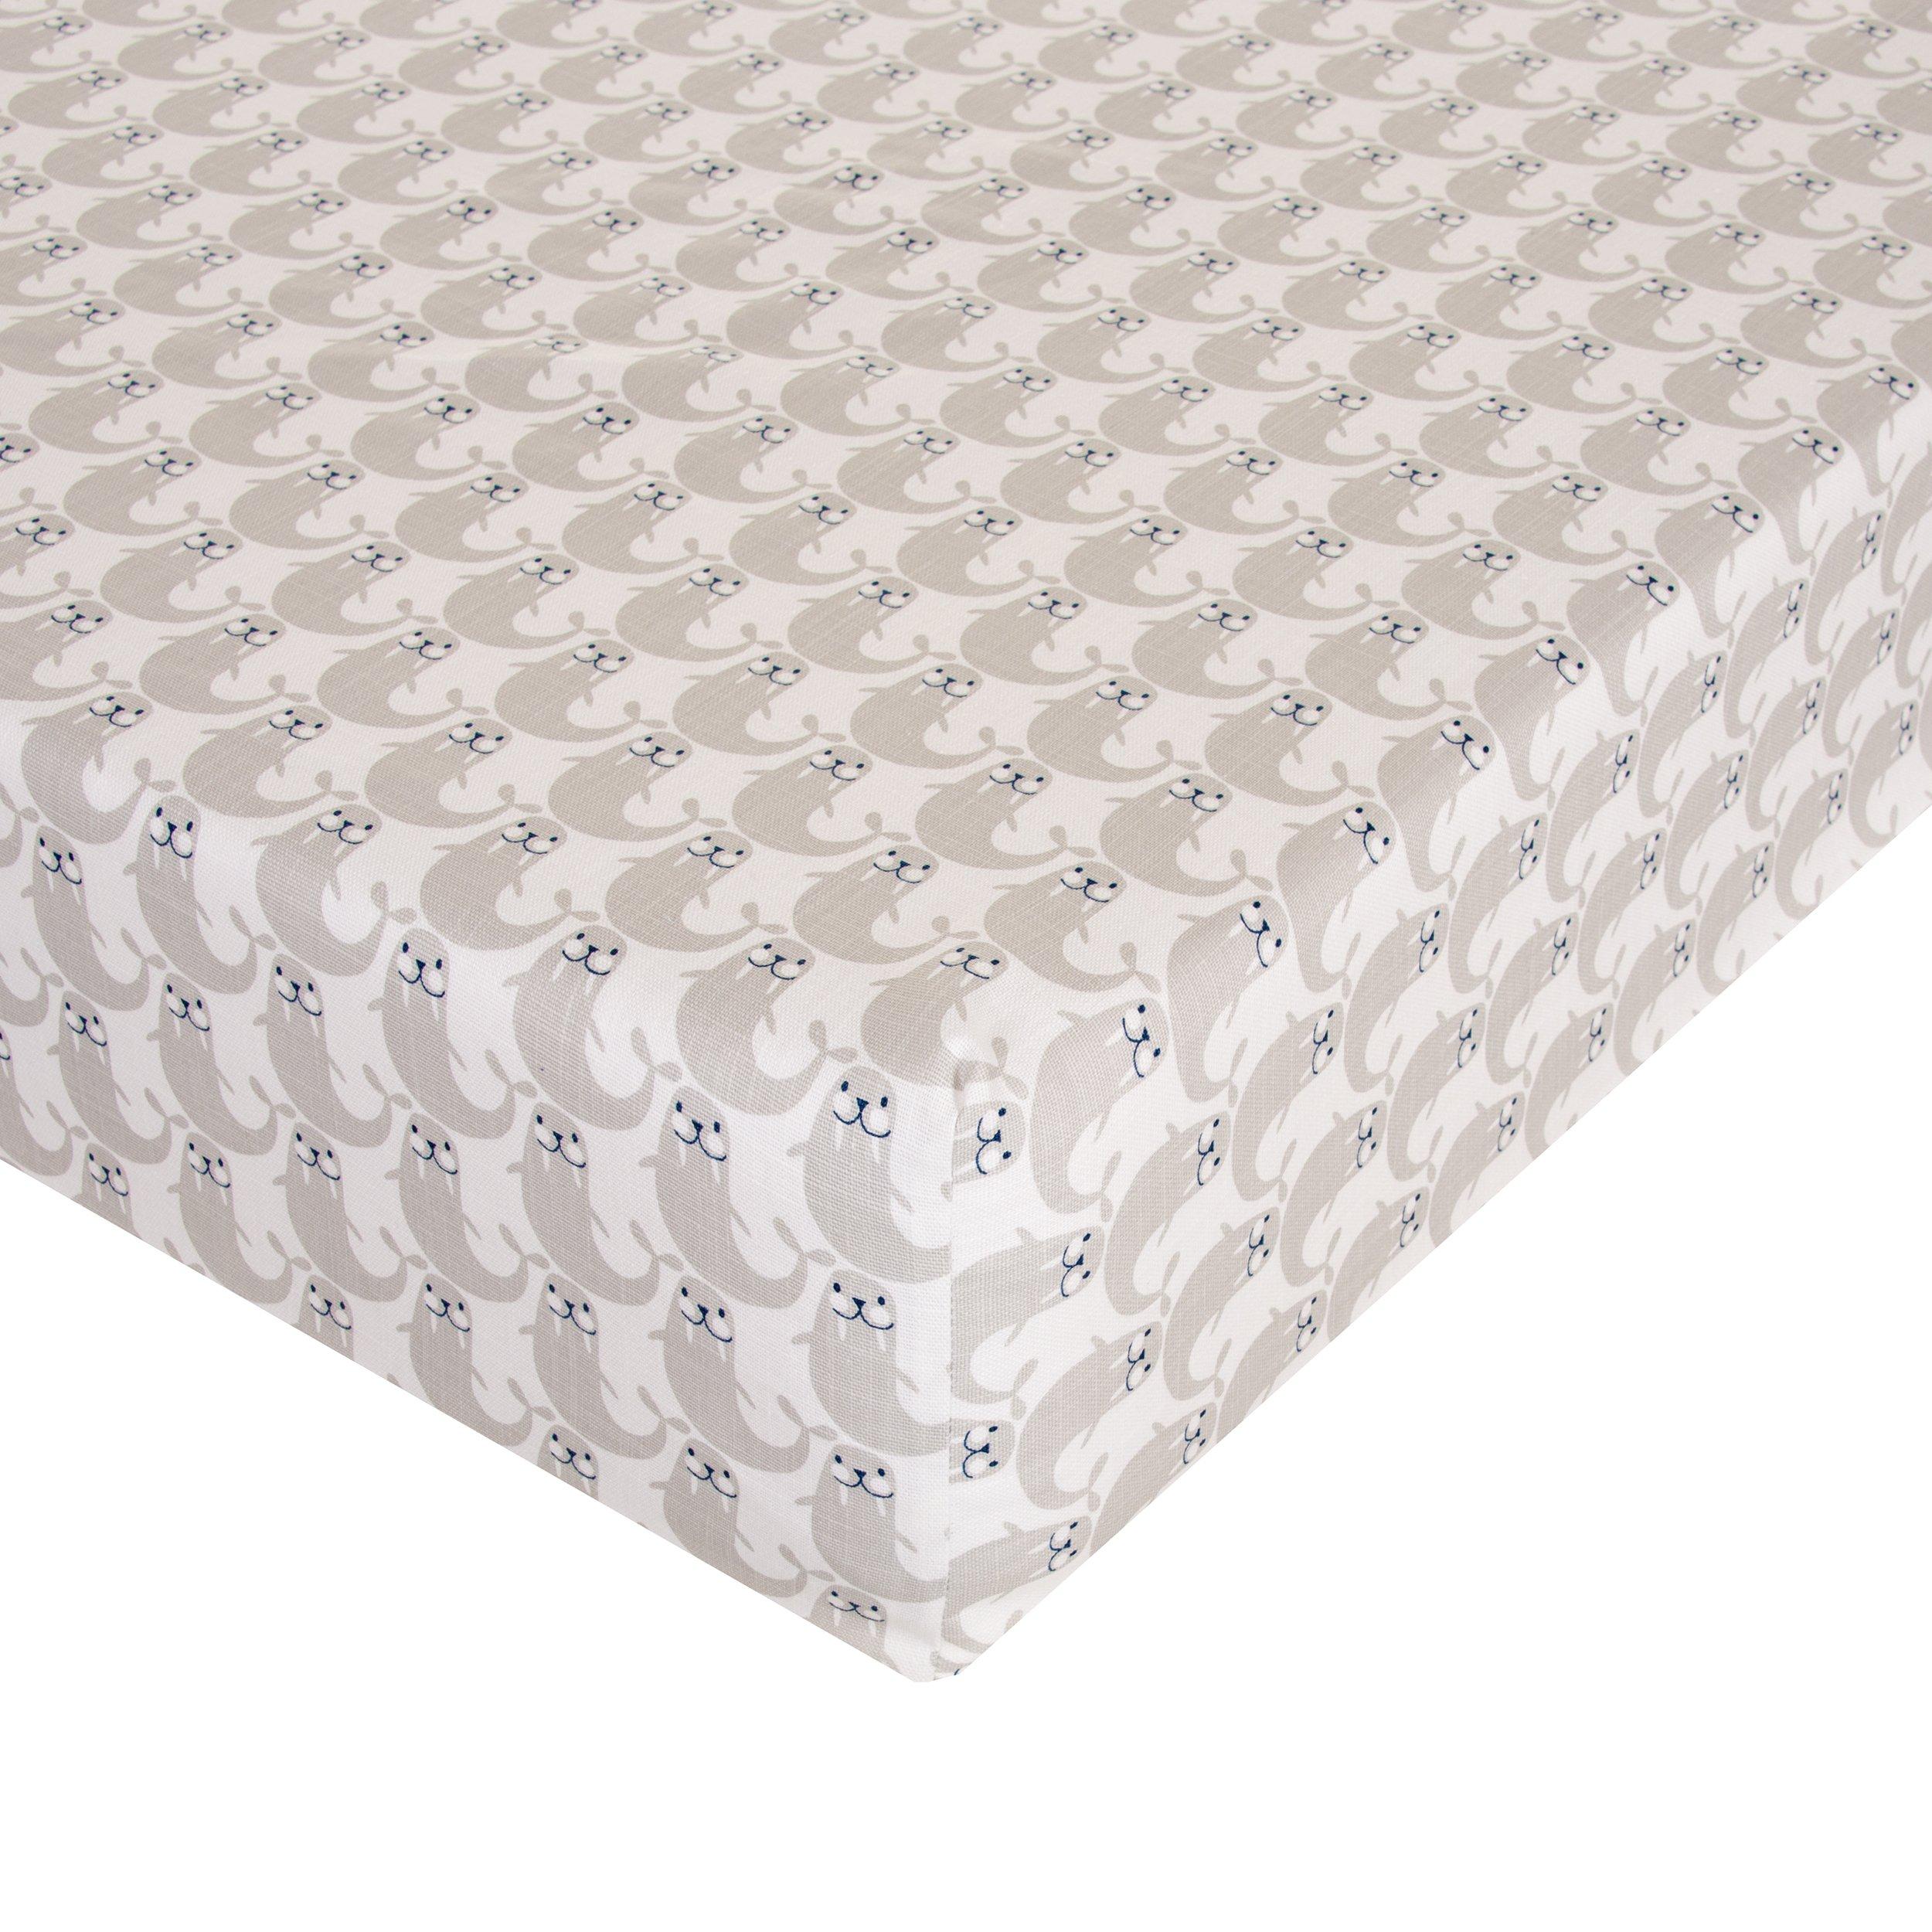 Glenna Jean Walrus Crib Sheet Fitted 28''x52''x8'' Nursery Standard